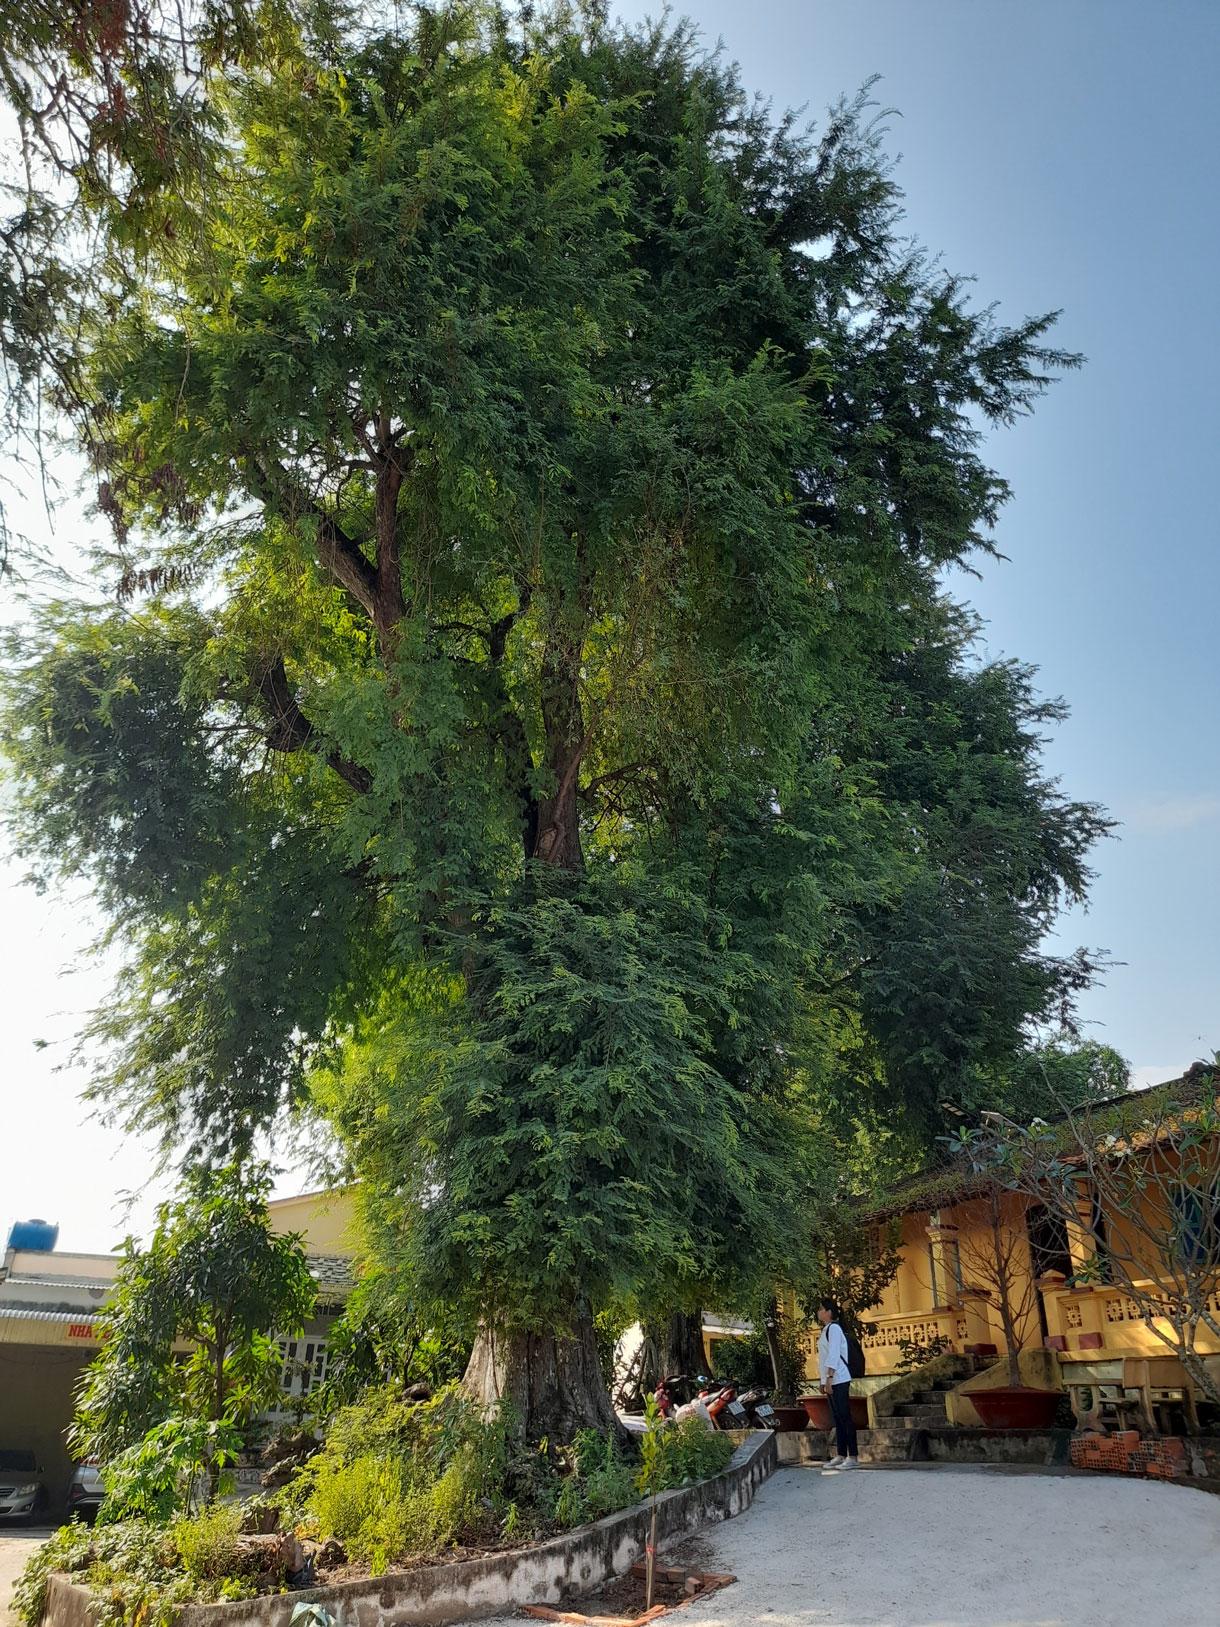 Một trong 10 cây me cổ thụ tại chùa Rạch Núi (Tổ đình Linh Sơn, xã Đông Thạnh, huyện Cần Giuộc) được công nhận Cây di sản Việt Nam